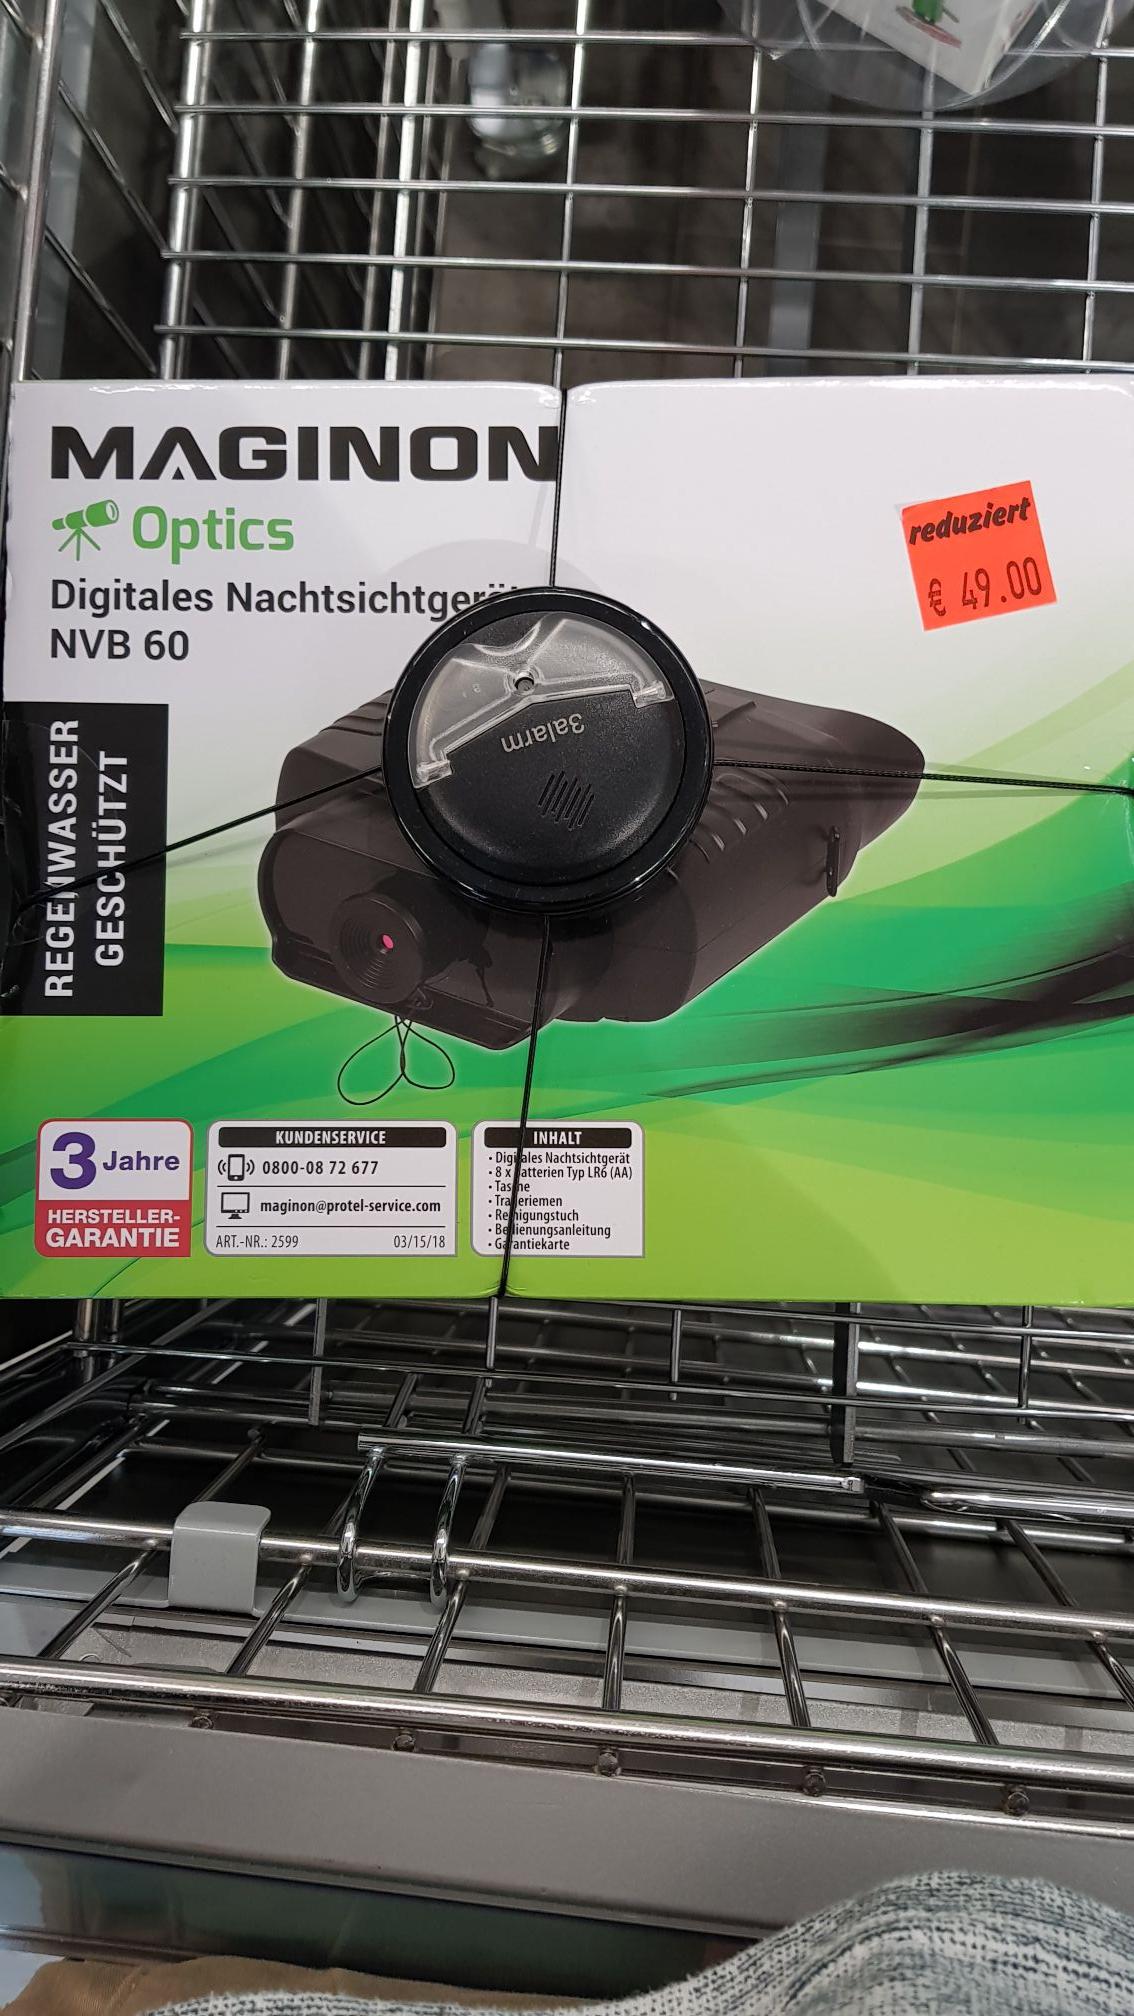 Maginon digitales Nachtsichtgerät  bei Aldi